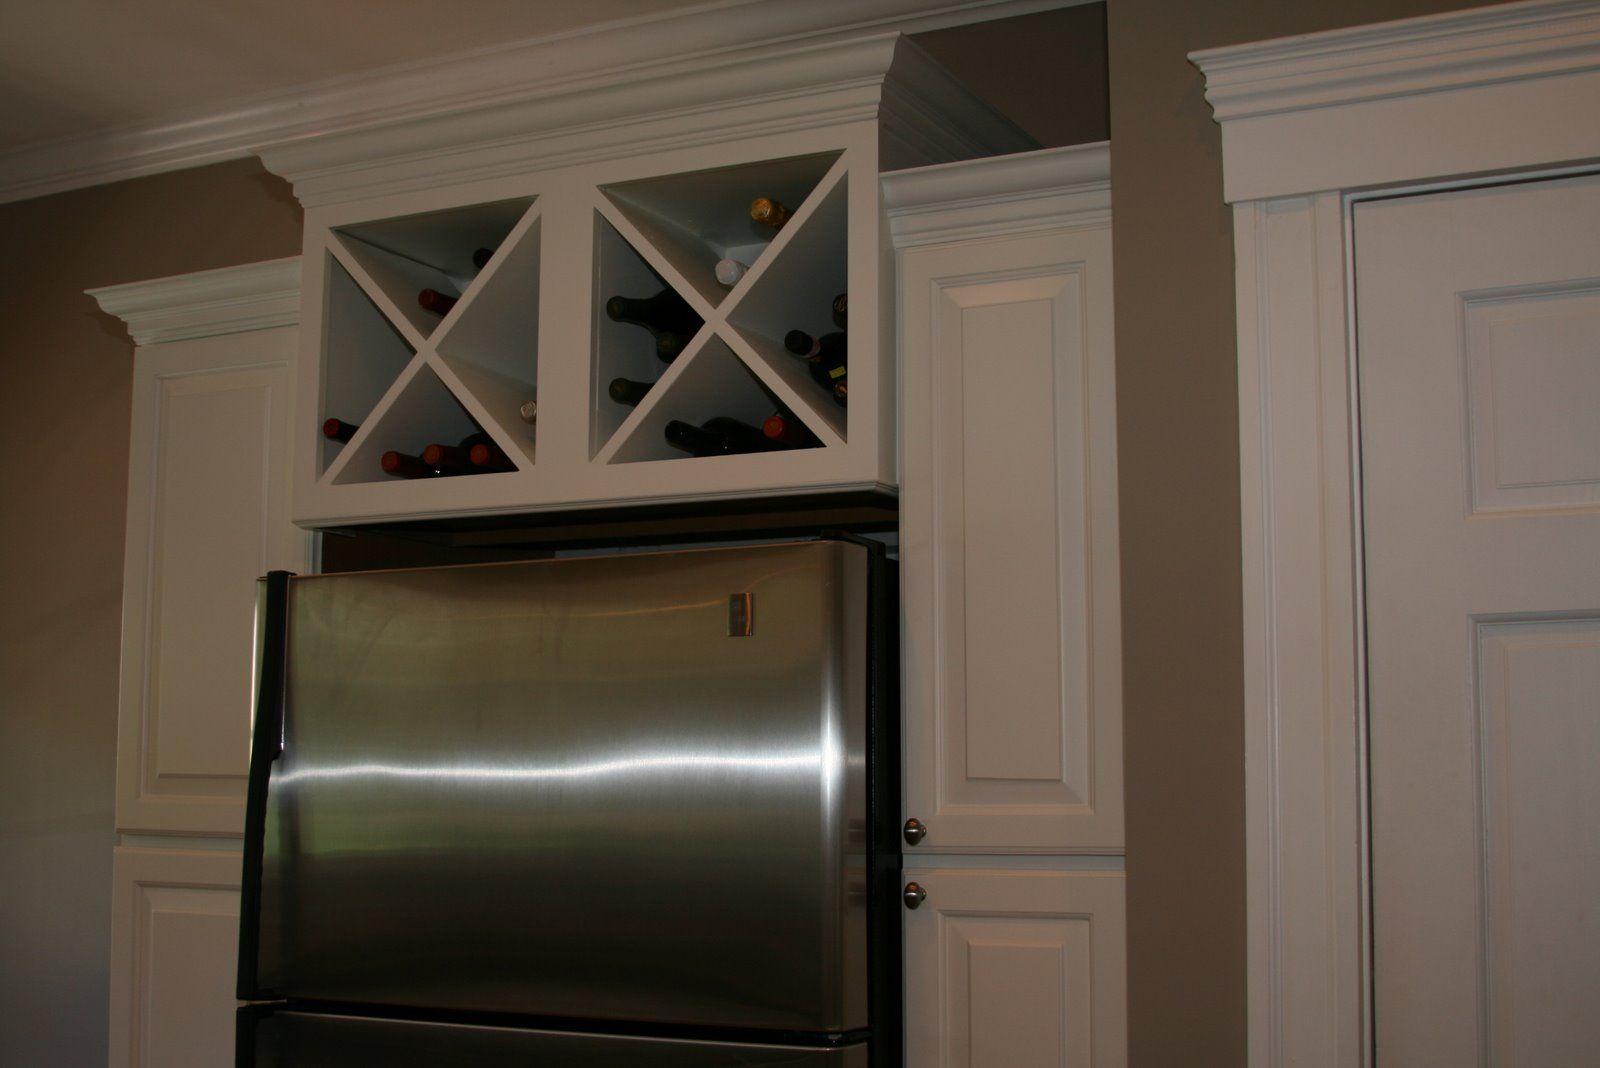 Wedding Shower 007 Jpg Image Plate Shelves Home Kitchens Kitchen Remodel